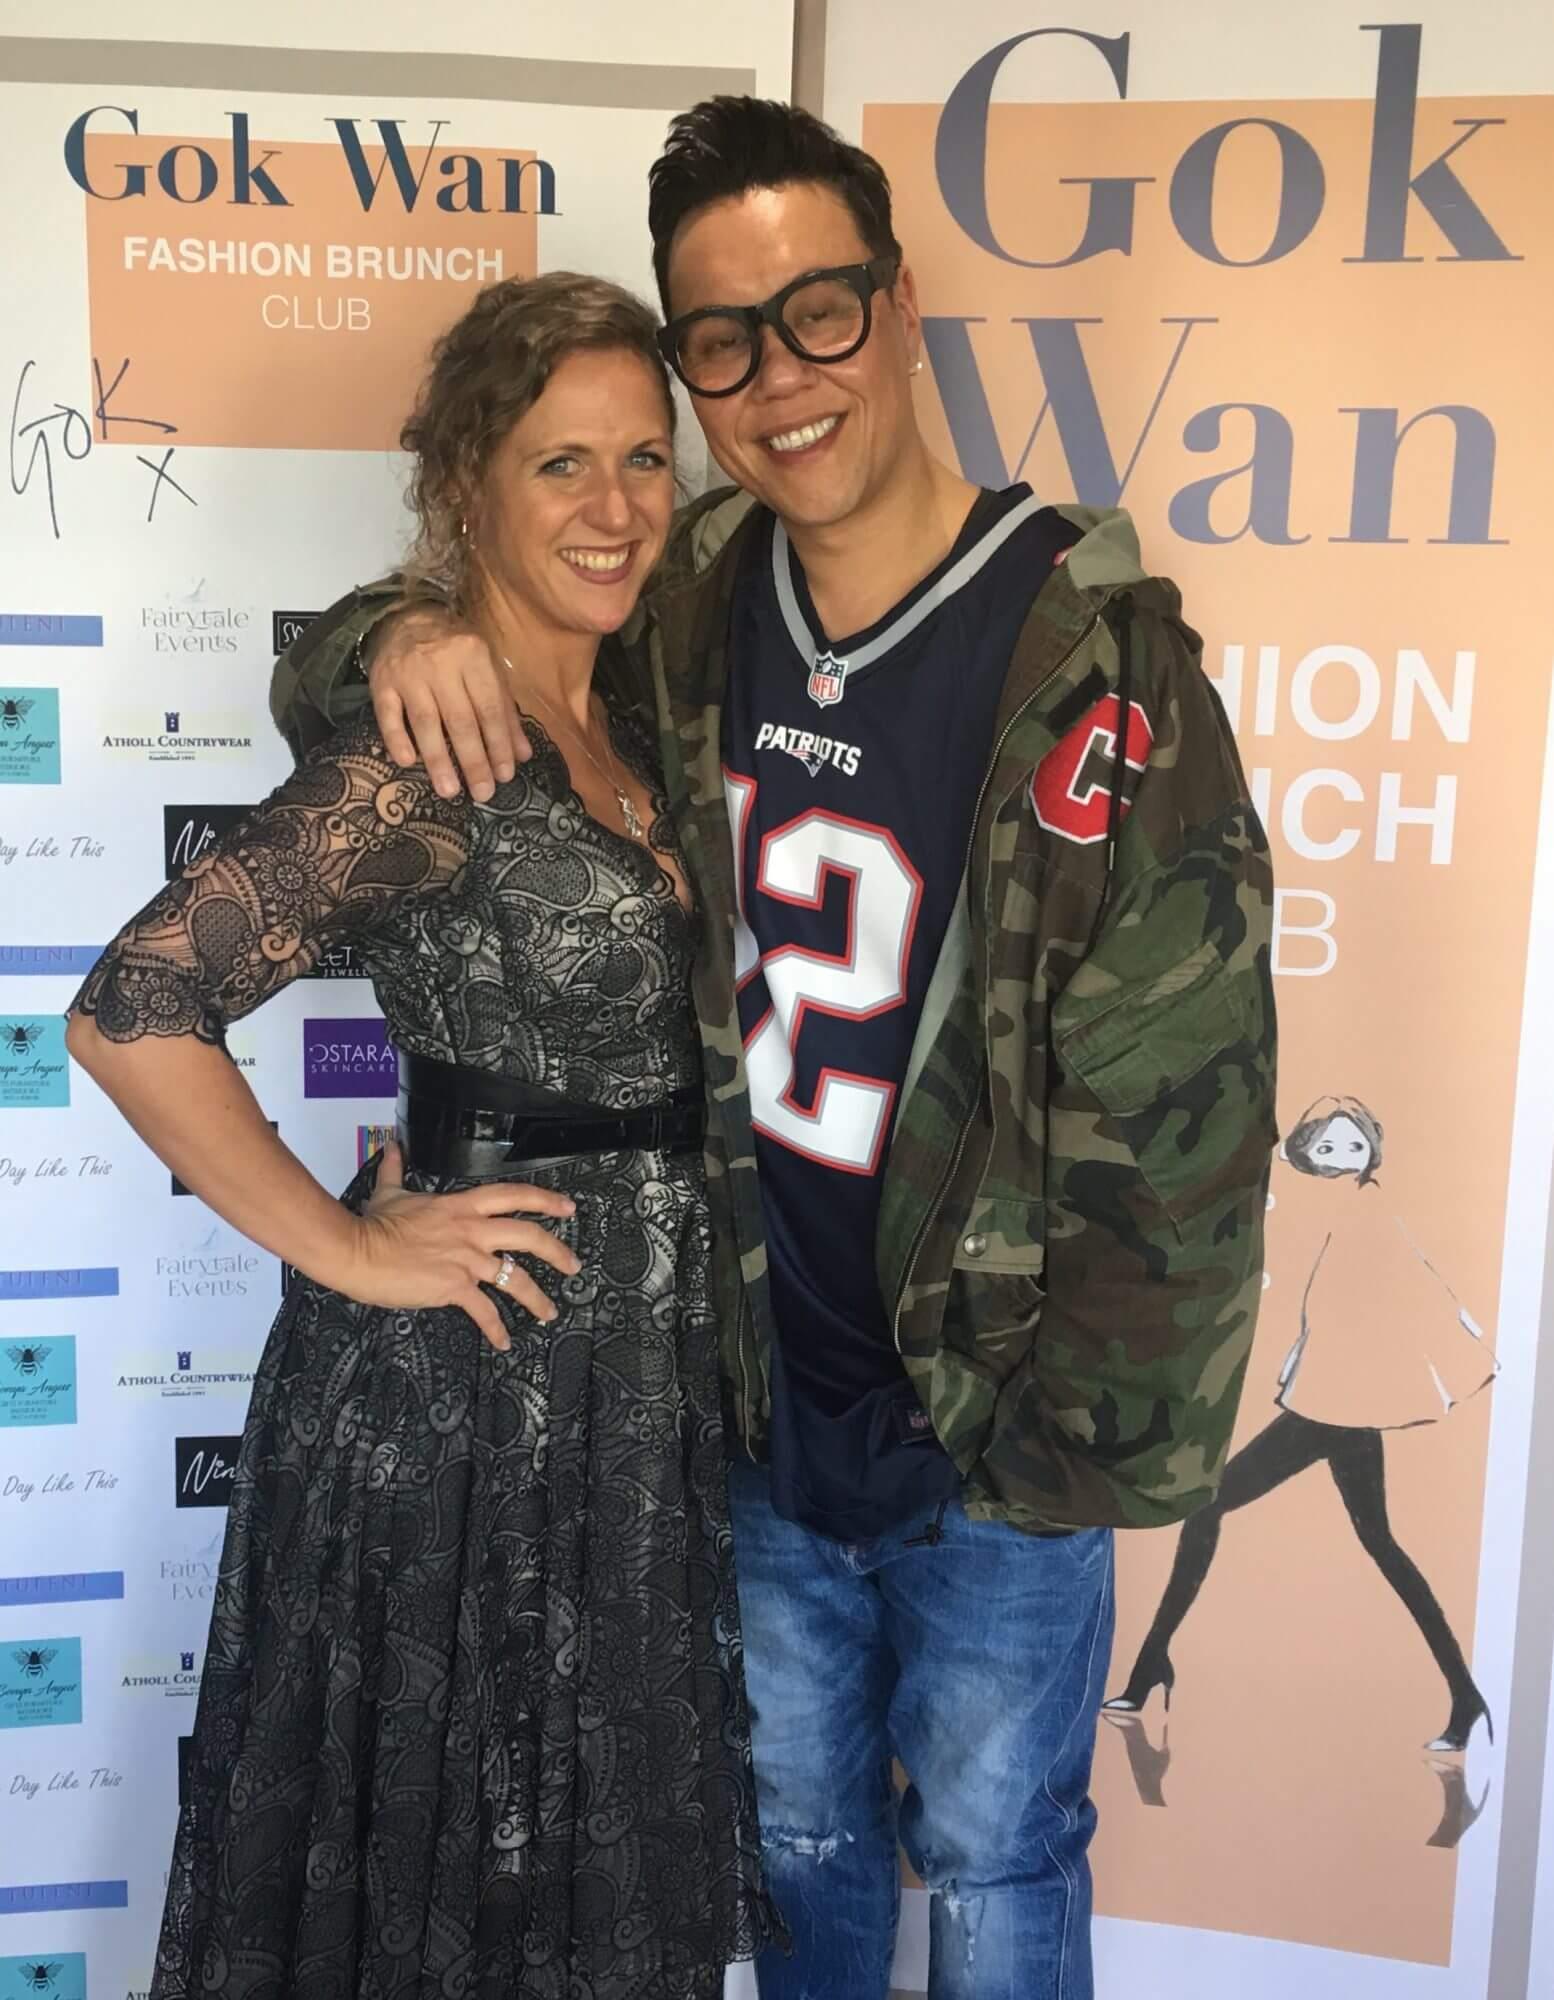 Gok Wan Fashion Show